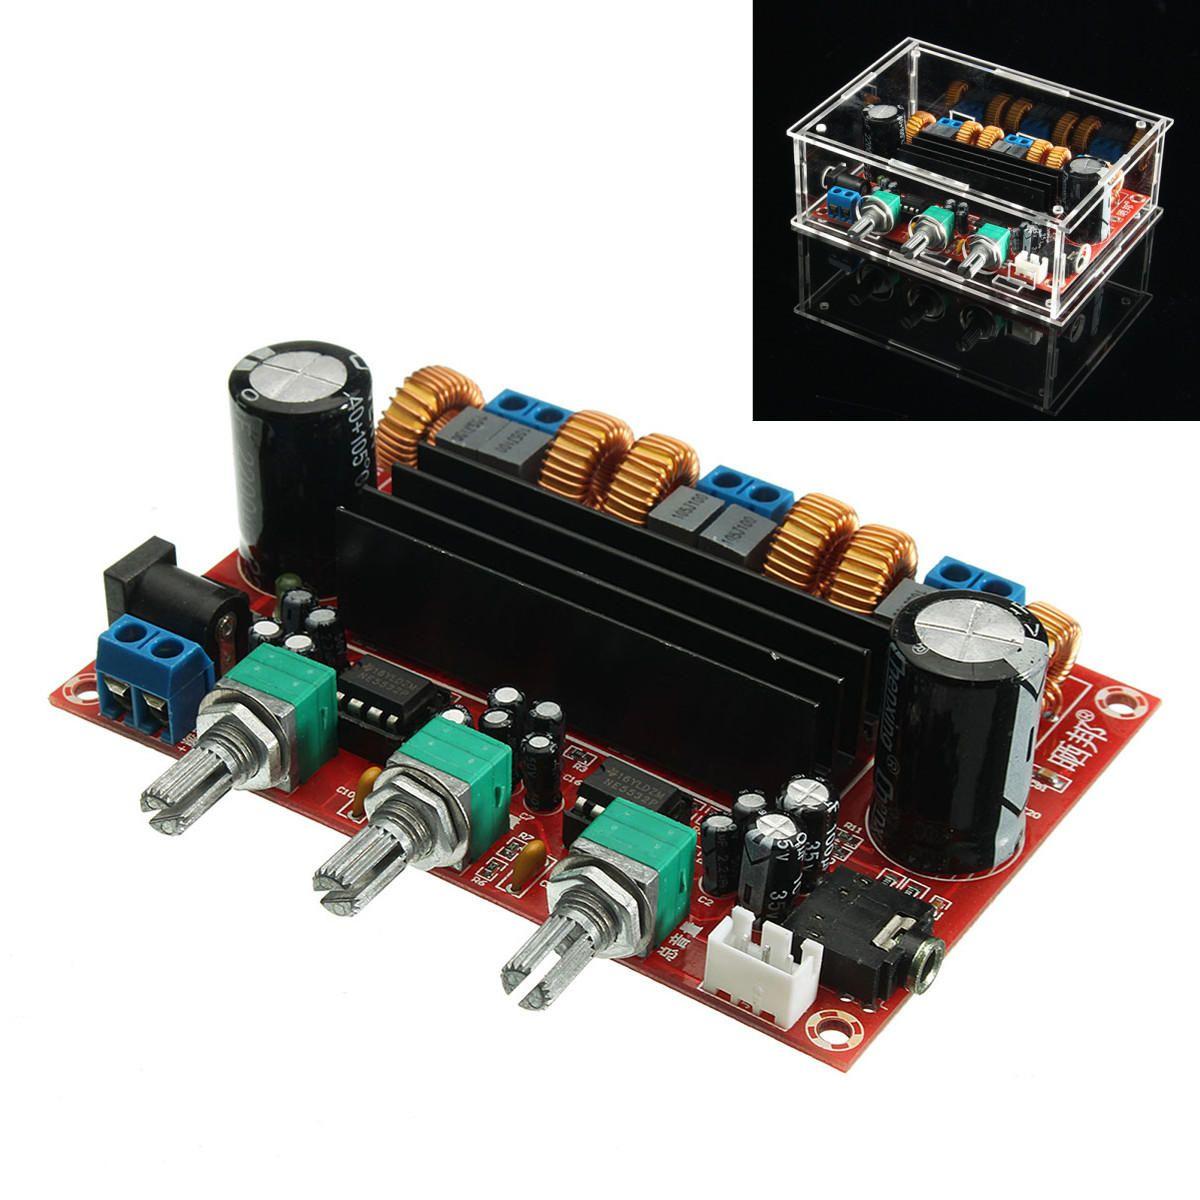 Tpa3116d2 50wx2 100w 21 Channel Digital Subwoofer Power Amplifier 2x50w Stereo Class D Audio Circuit Board Ebay